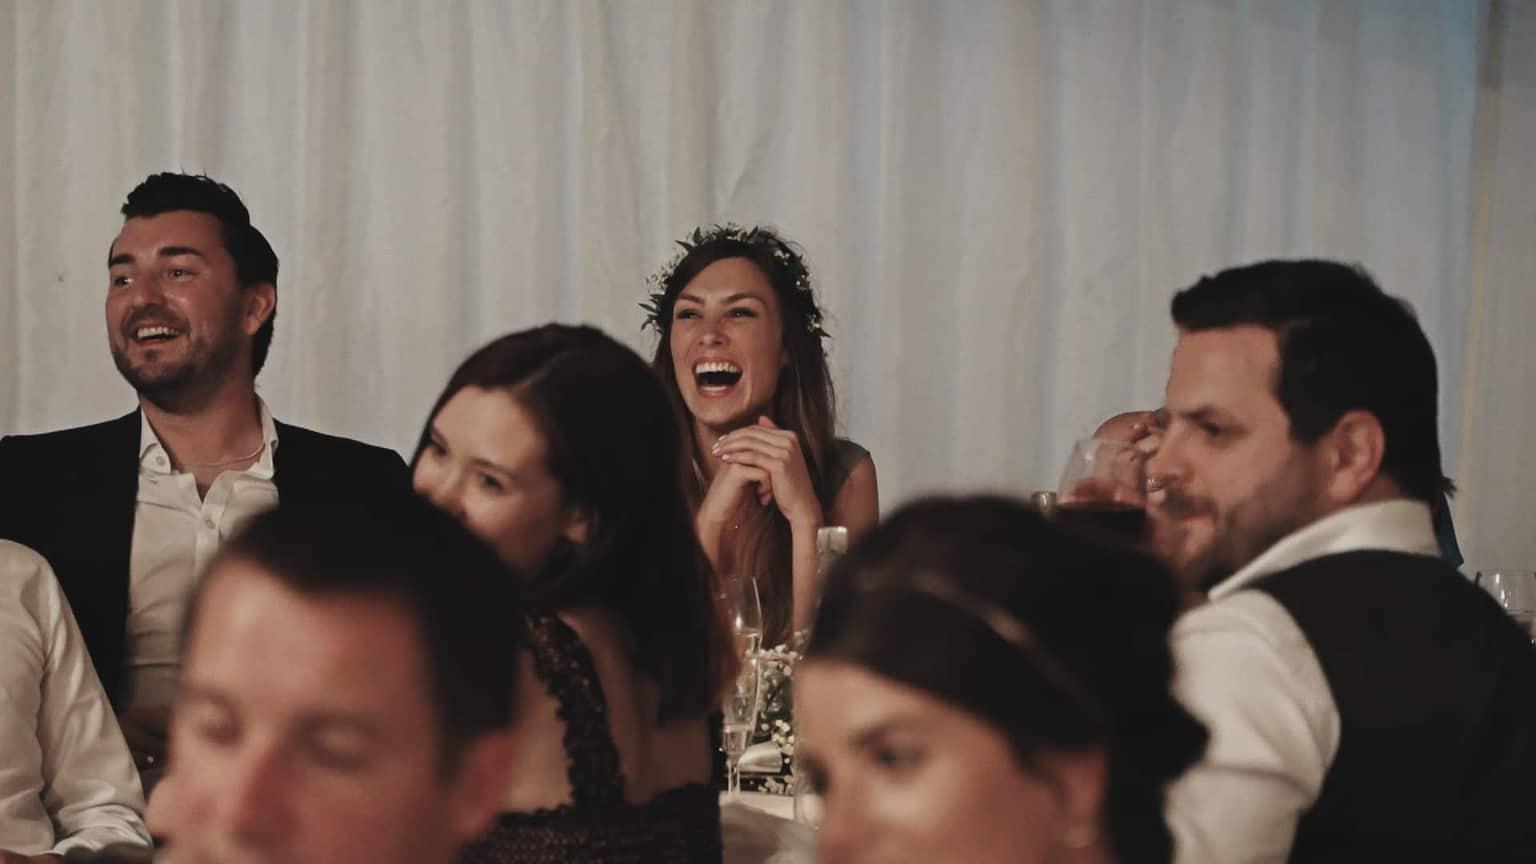 Brides maid smile during wedding speech.